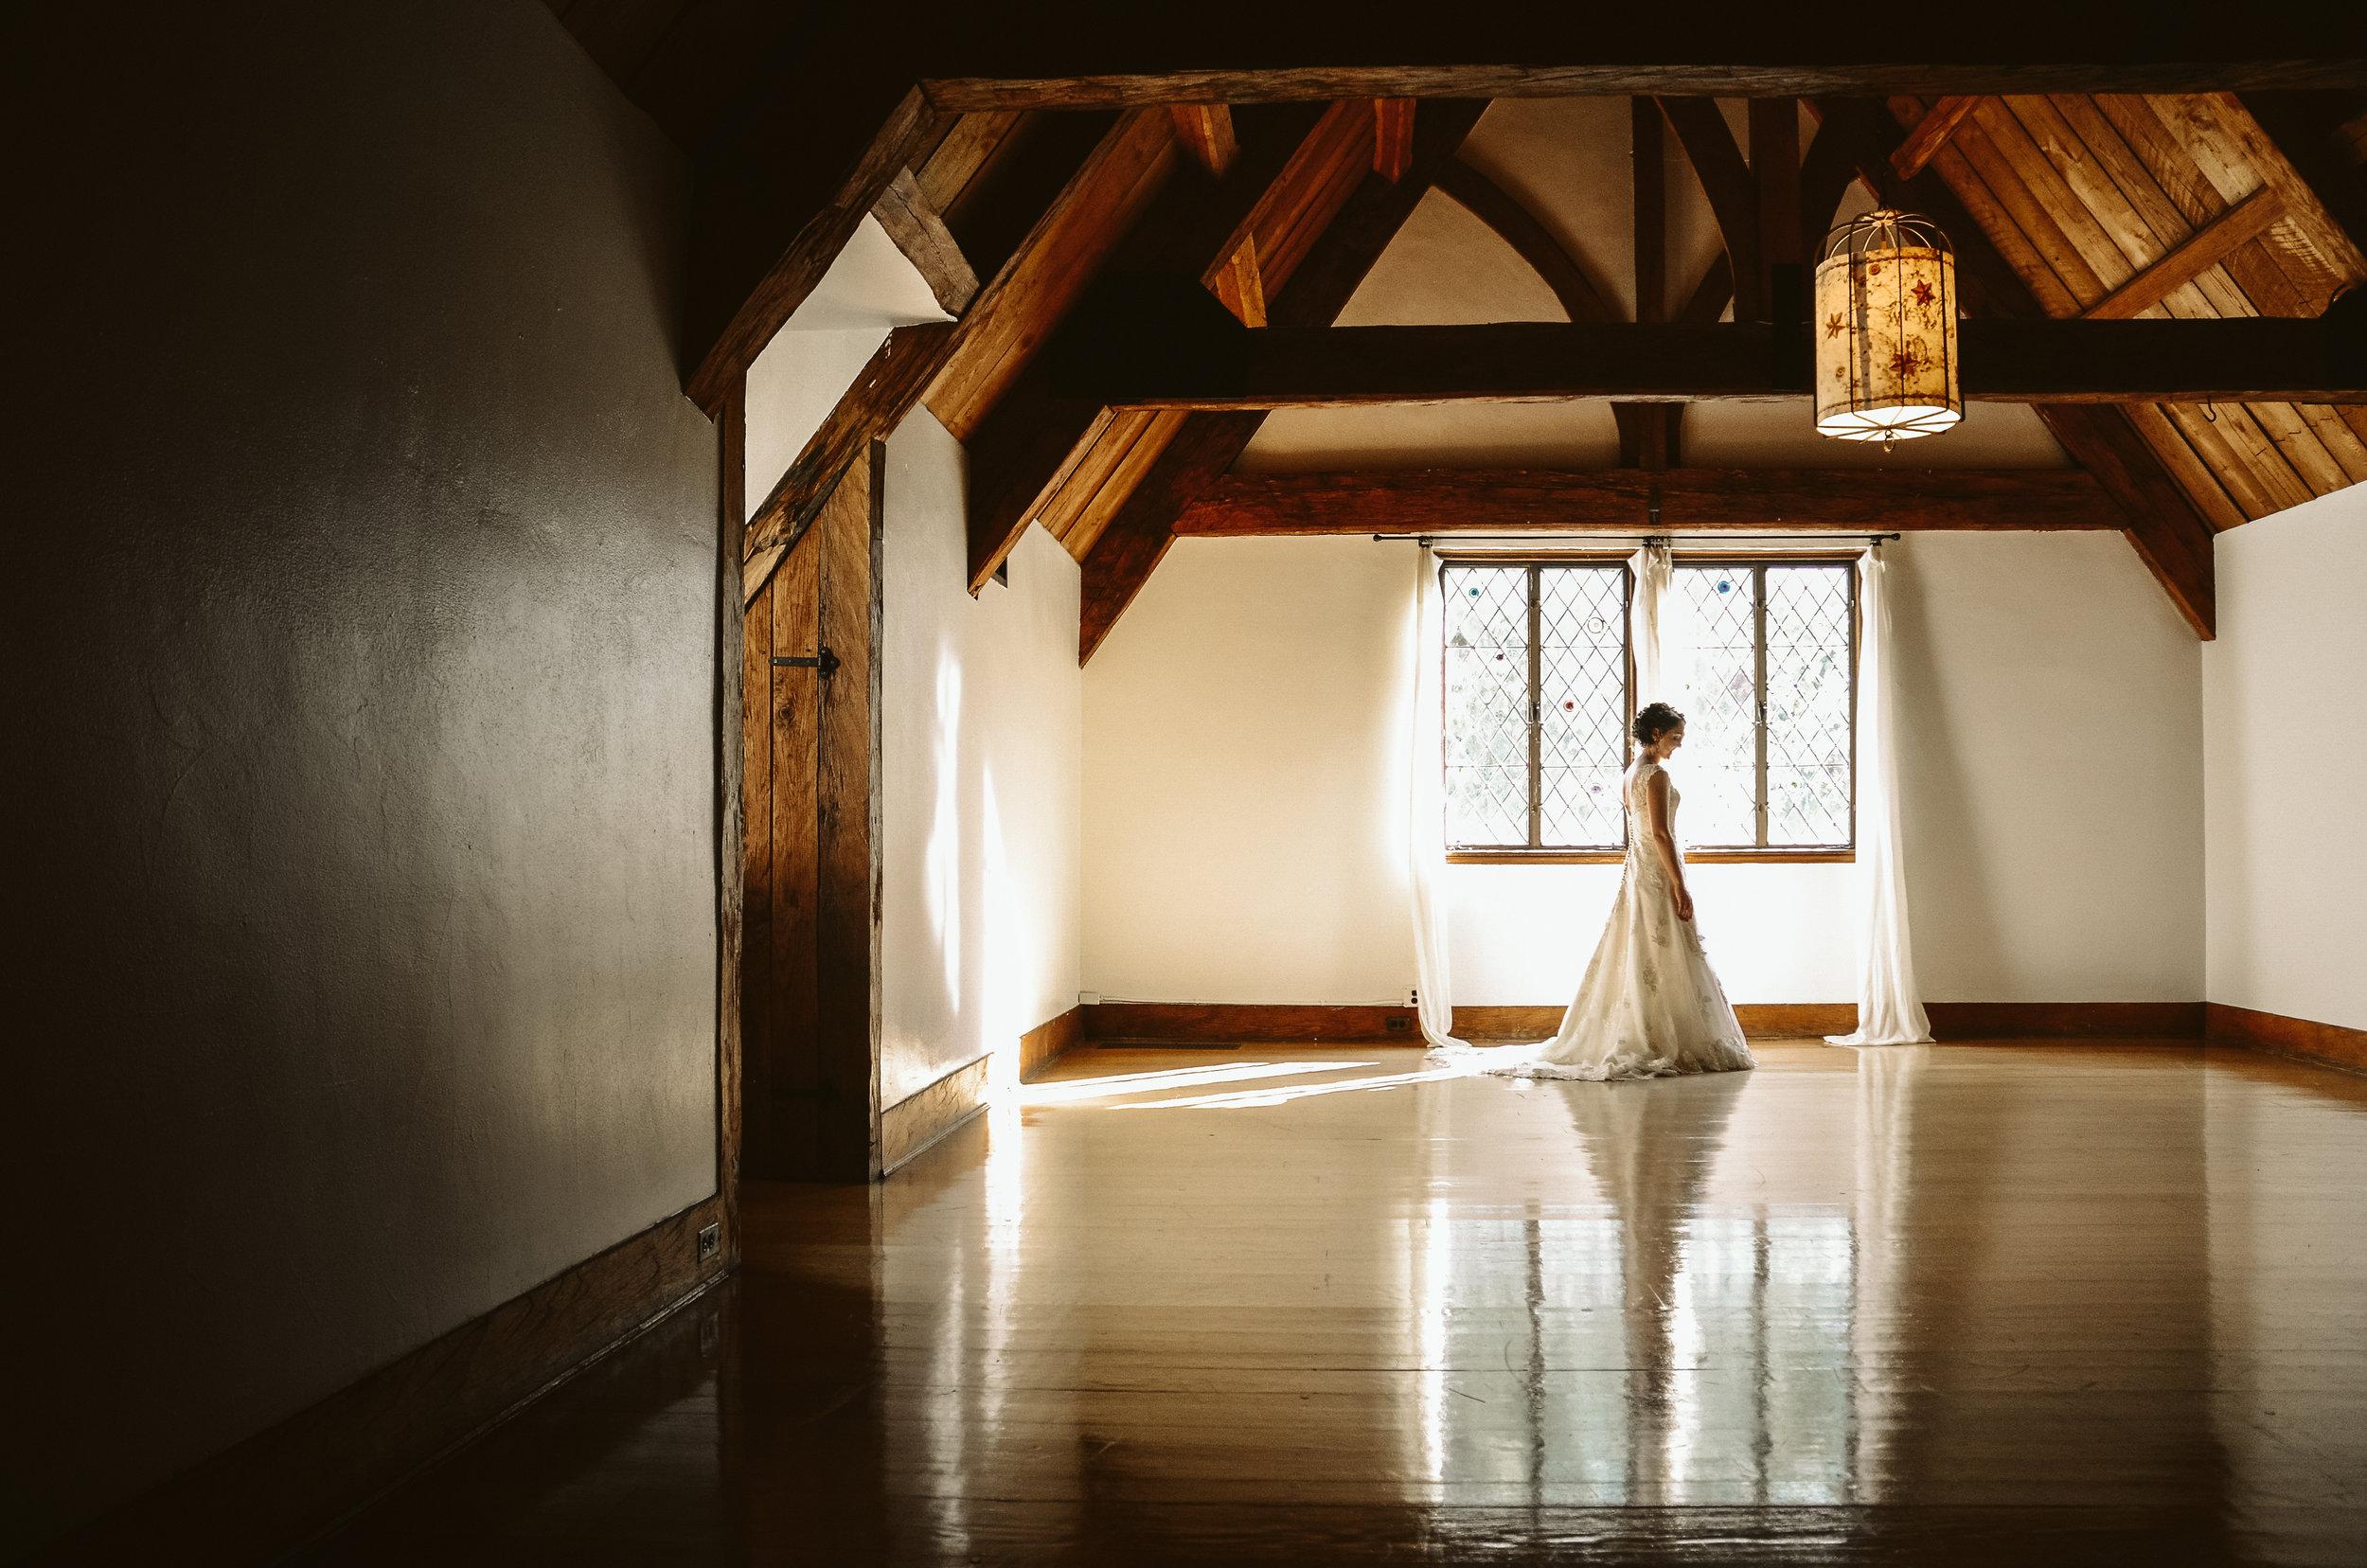 adrienne and greg's wedding 2018 edits-8.jpg